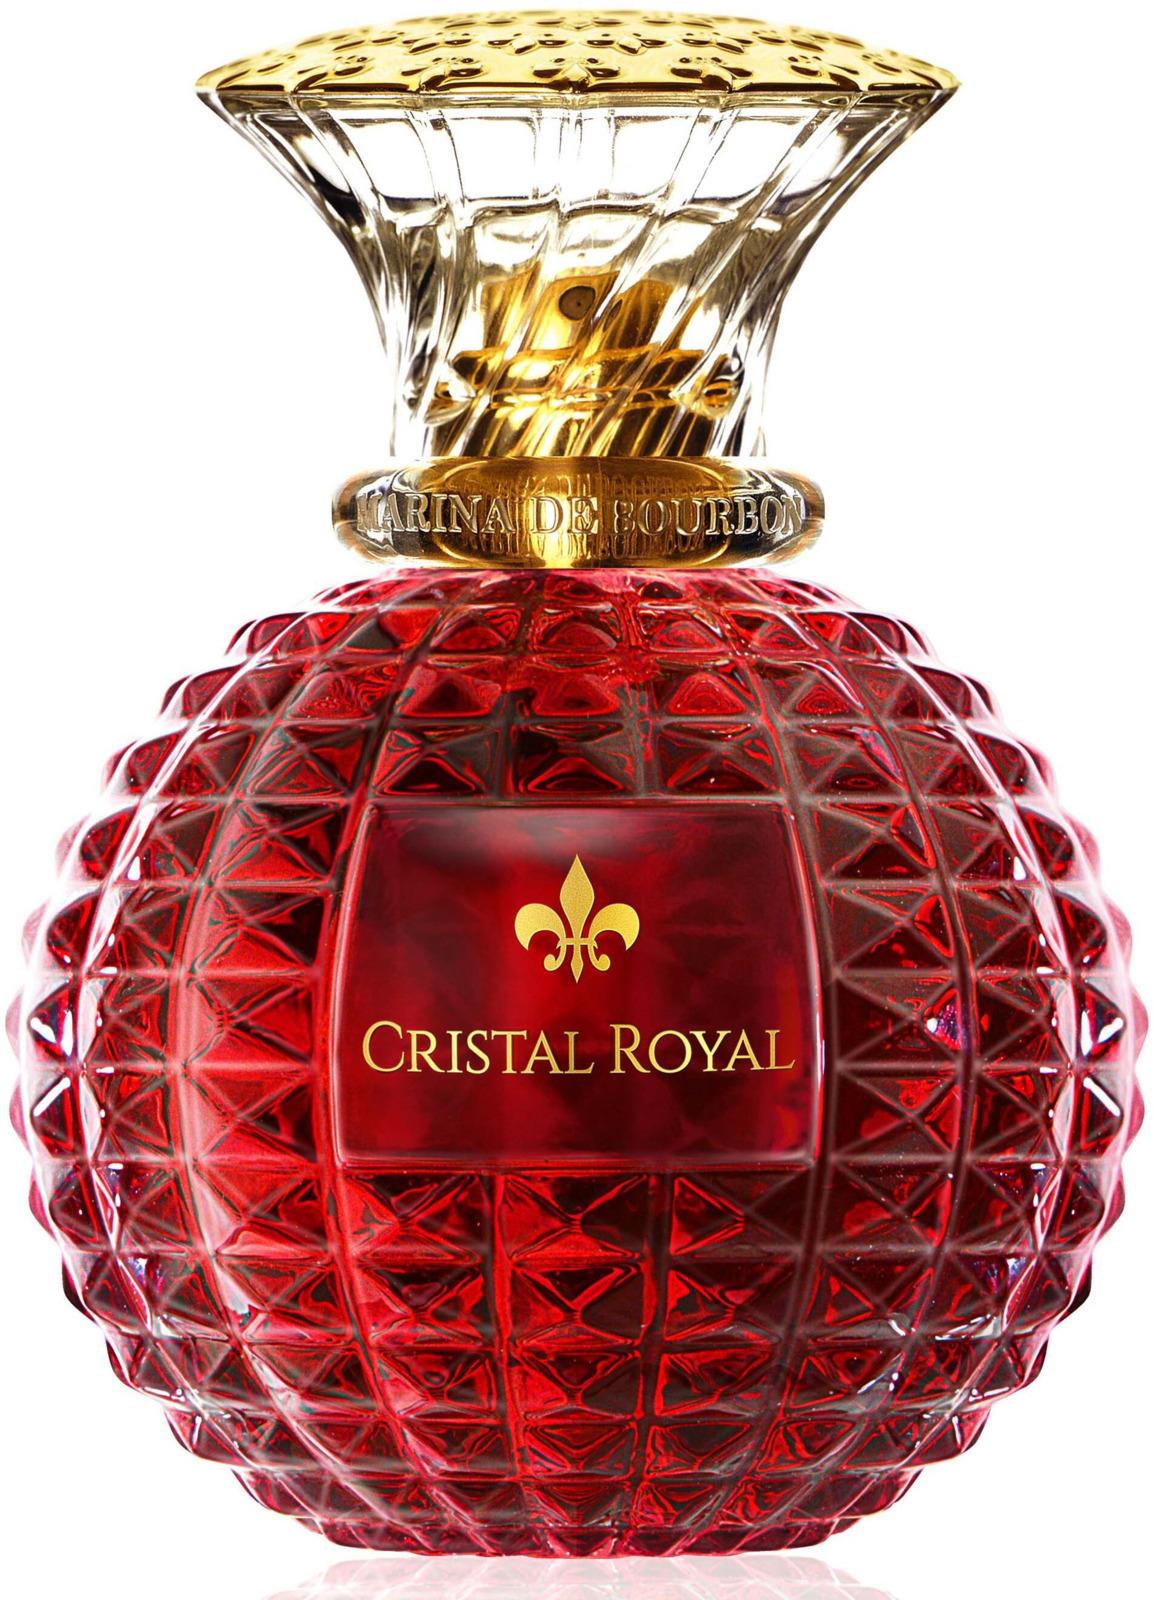 Парфюмерная вода Marina de Bourbon Princesse Paris Cristal Royal Passion, 100 мл1703MBОткройте для себя Cristal Royal Passion - новый аромат парфюмерного дома Princesse Marina de Bourbon - дерзкое сочетание экзотических нот.СИЯНИЕ ЭКЗОТИЧЕСКИХ НОТ.Этот новый аромат Princesse Marina de Bourbon - вуаль женственности и элегантности.Cristal Royal Passion - это соблазнительная композиция, которая сохраняет свое нежное очарование. Завораживающие и соблазнительно-возбуждающие верхние ноты яблока и бергамота и сладкая чувственность красных фруктов склоняются к мягкости цветов с жасмином, туберозой и миндалем для современной, молодой и яркой интерпретации страсти. Чувственный и пробуждающий воспоминания аромат отмечает современную и страстную сторону женщины.СВЕРКАЮЩИЕ ГРАНИ ФЛАКОНА.Драгоценный аромат хранится в красивом граненом флаконе, в полной мере раскрывая многогранность аромата. Ярко-красный флакон, символизирующий страсть, отражается в кристальной прозрачности, раскрывая чарующую и необыкновенную драгоценность.